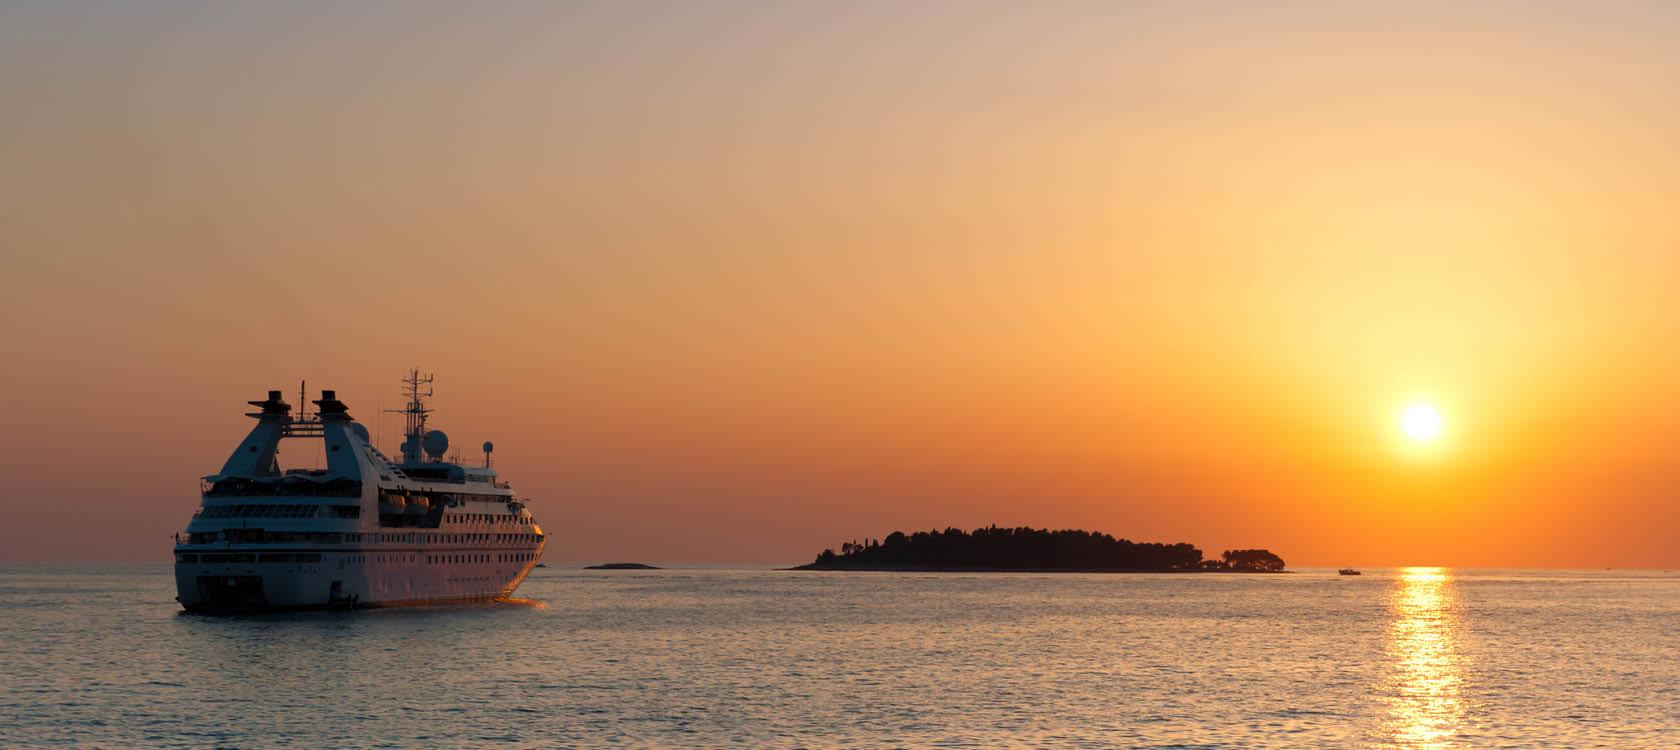 kryssning i solnedgången på öppet hav